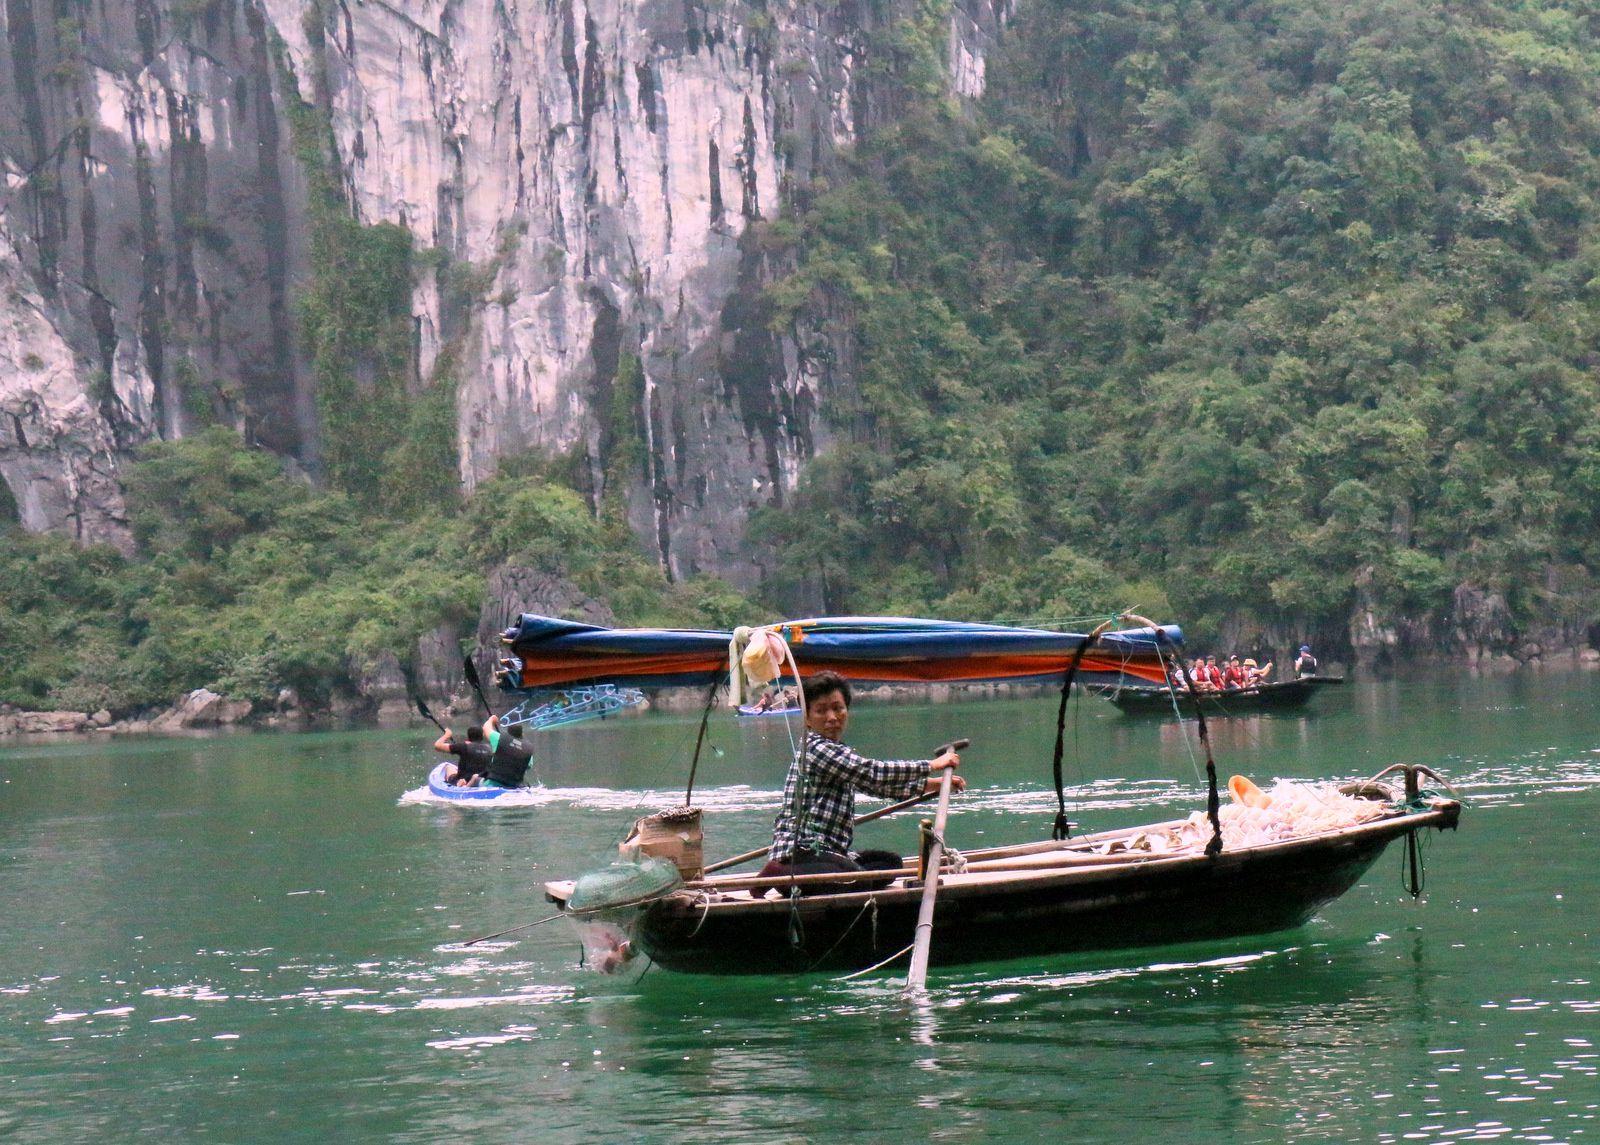 L'ile aux singes, baie d'Halong au Vietnam